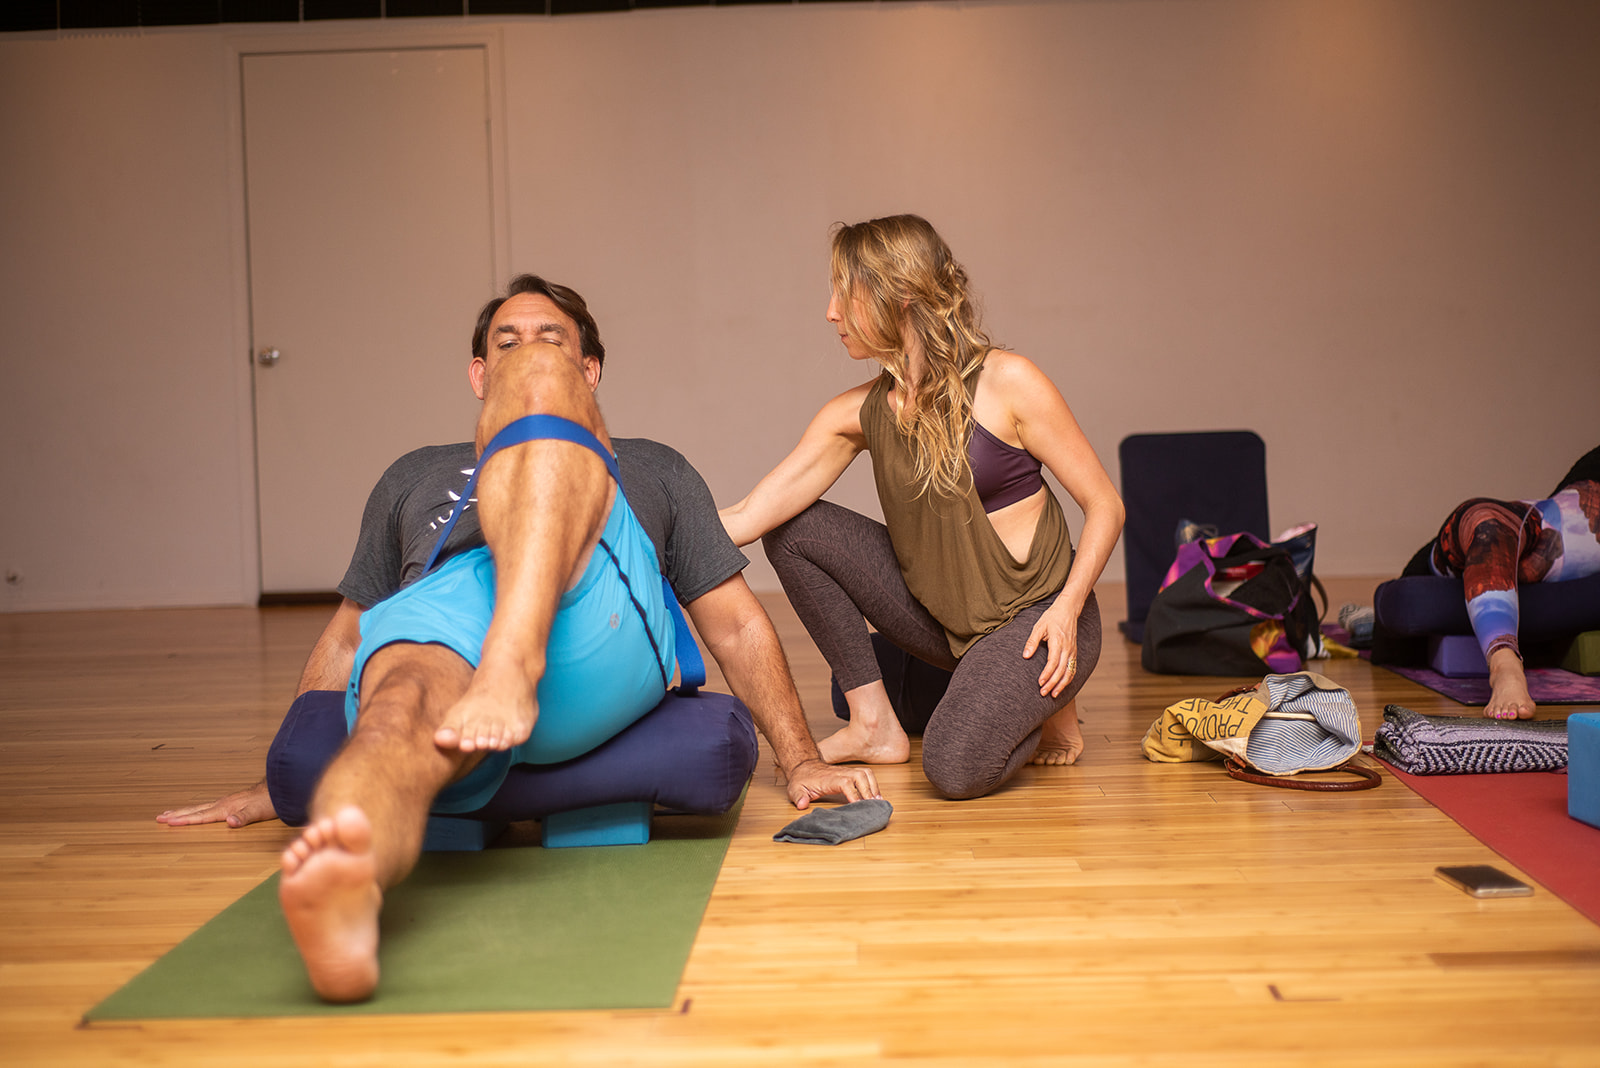 yin-yoga-teacher-training-durga-excursions-sedona-I-2019-40.jpg